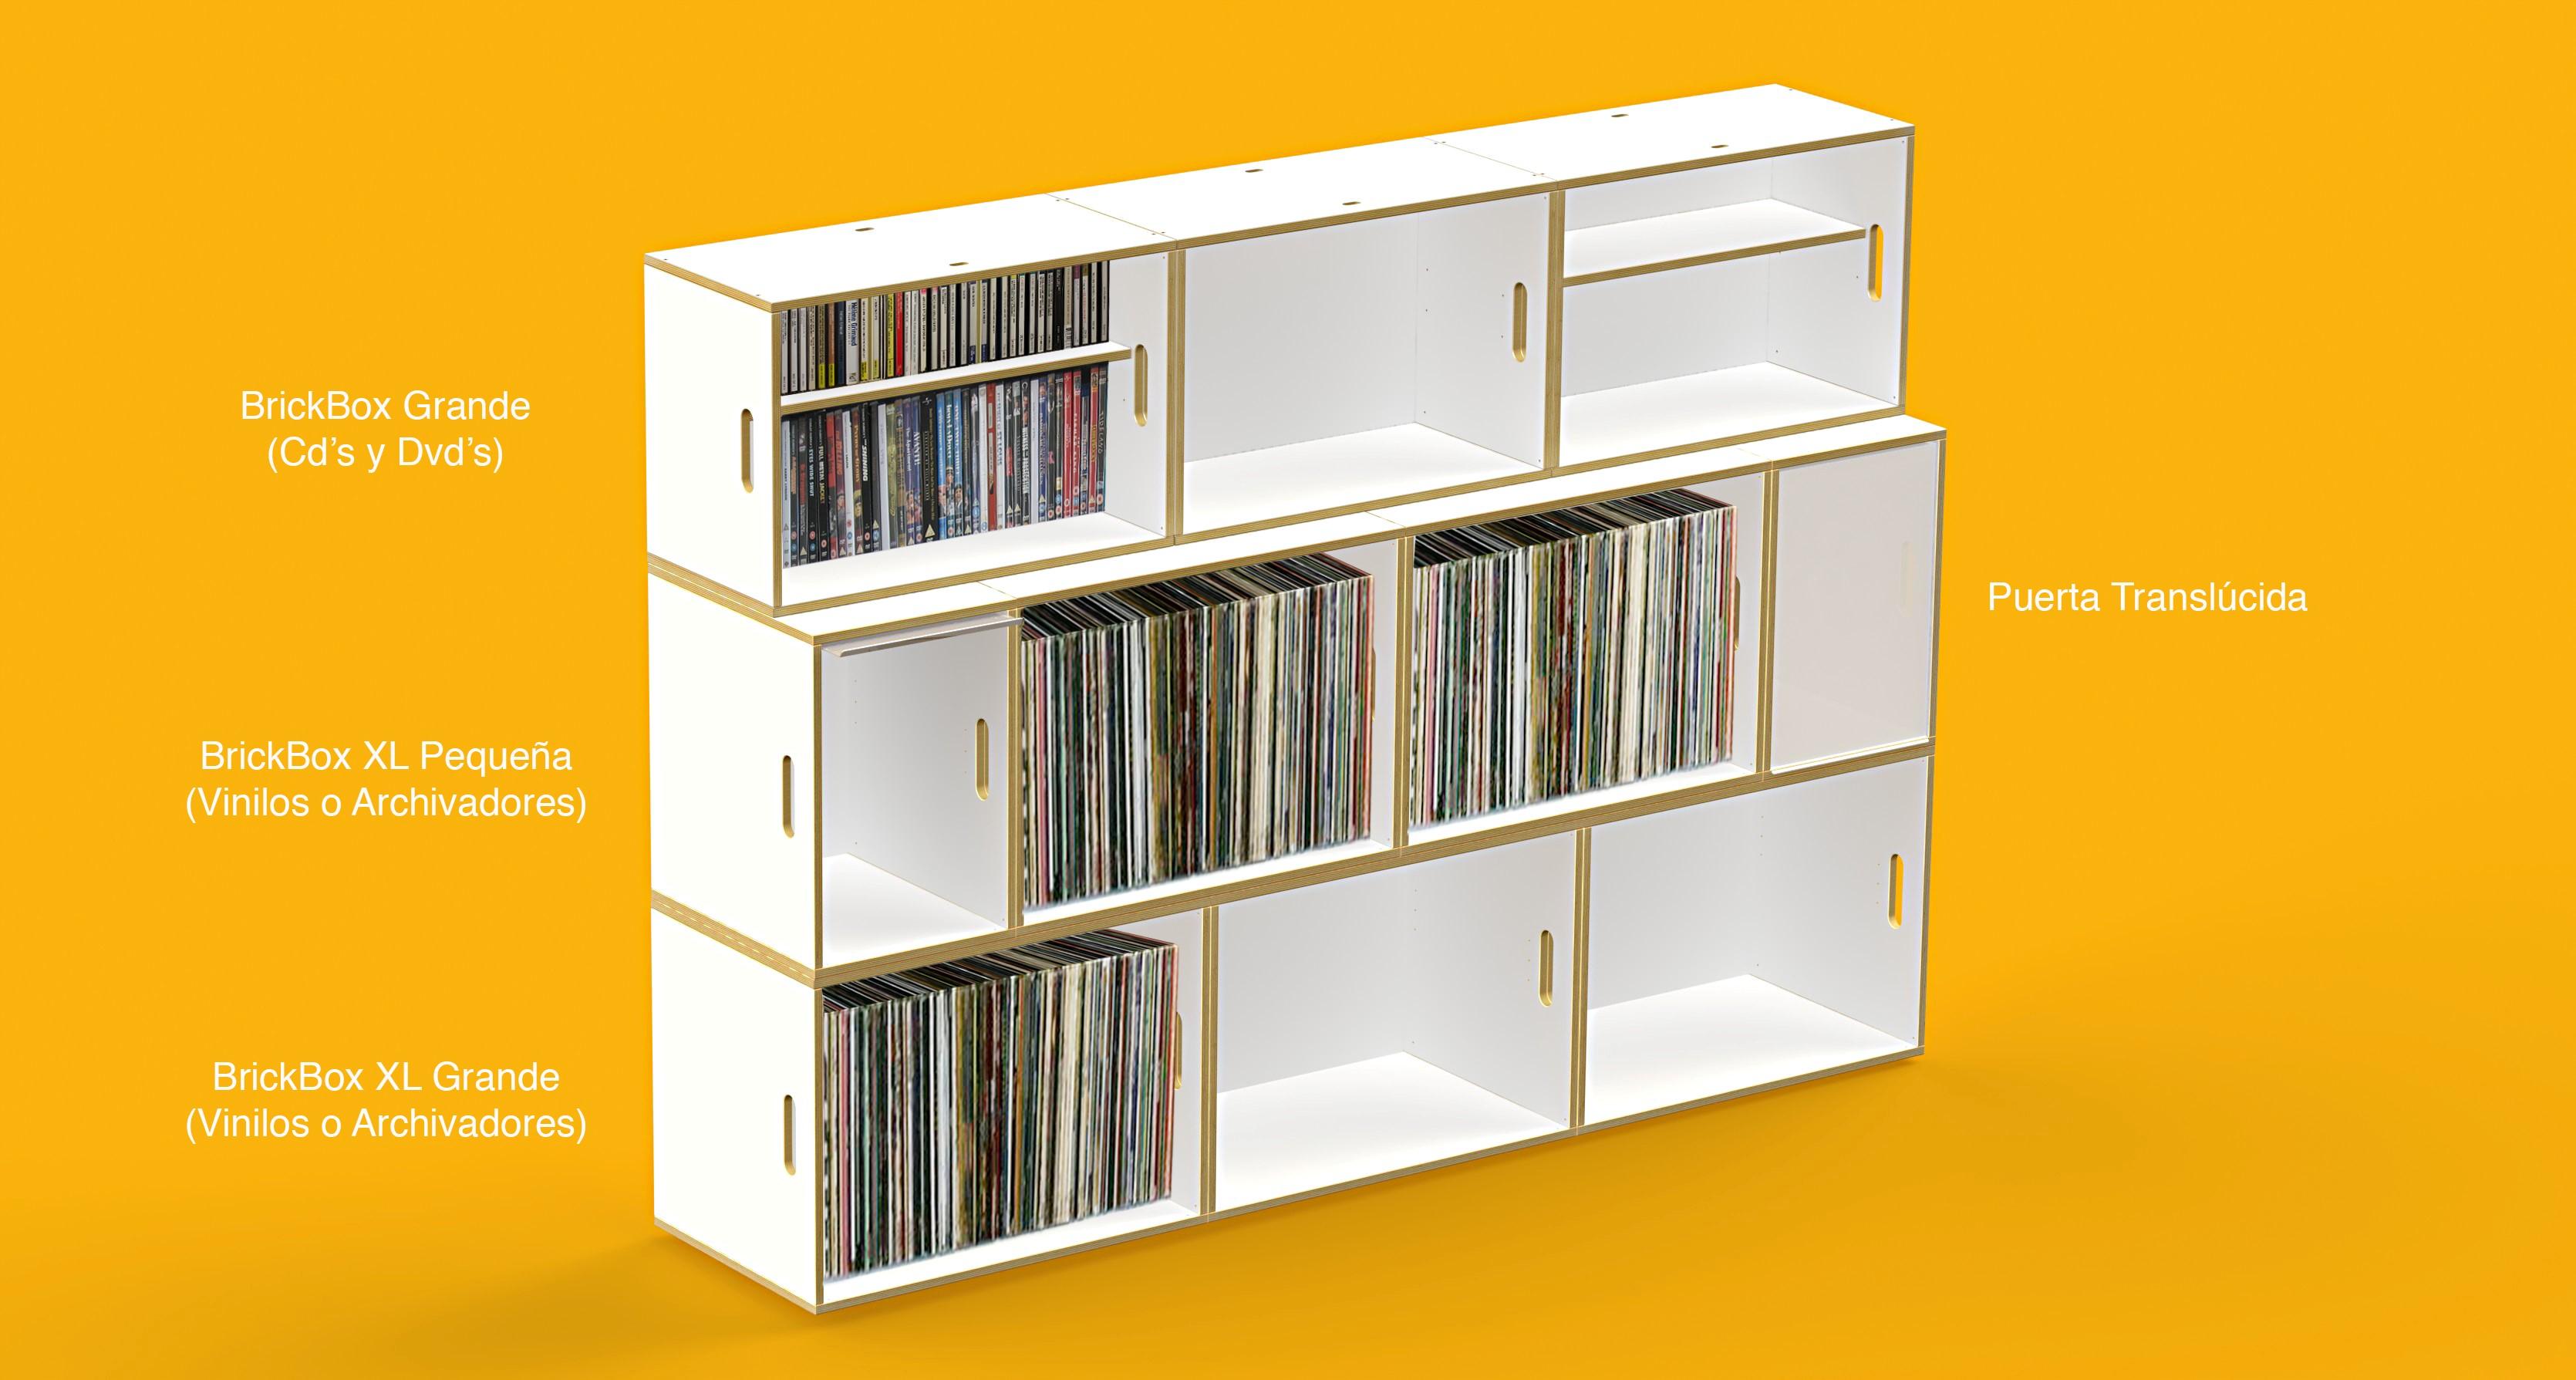 Qu son los m dulos brickbox xl brickbox estanterias - Librerias modulares ...